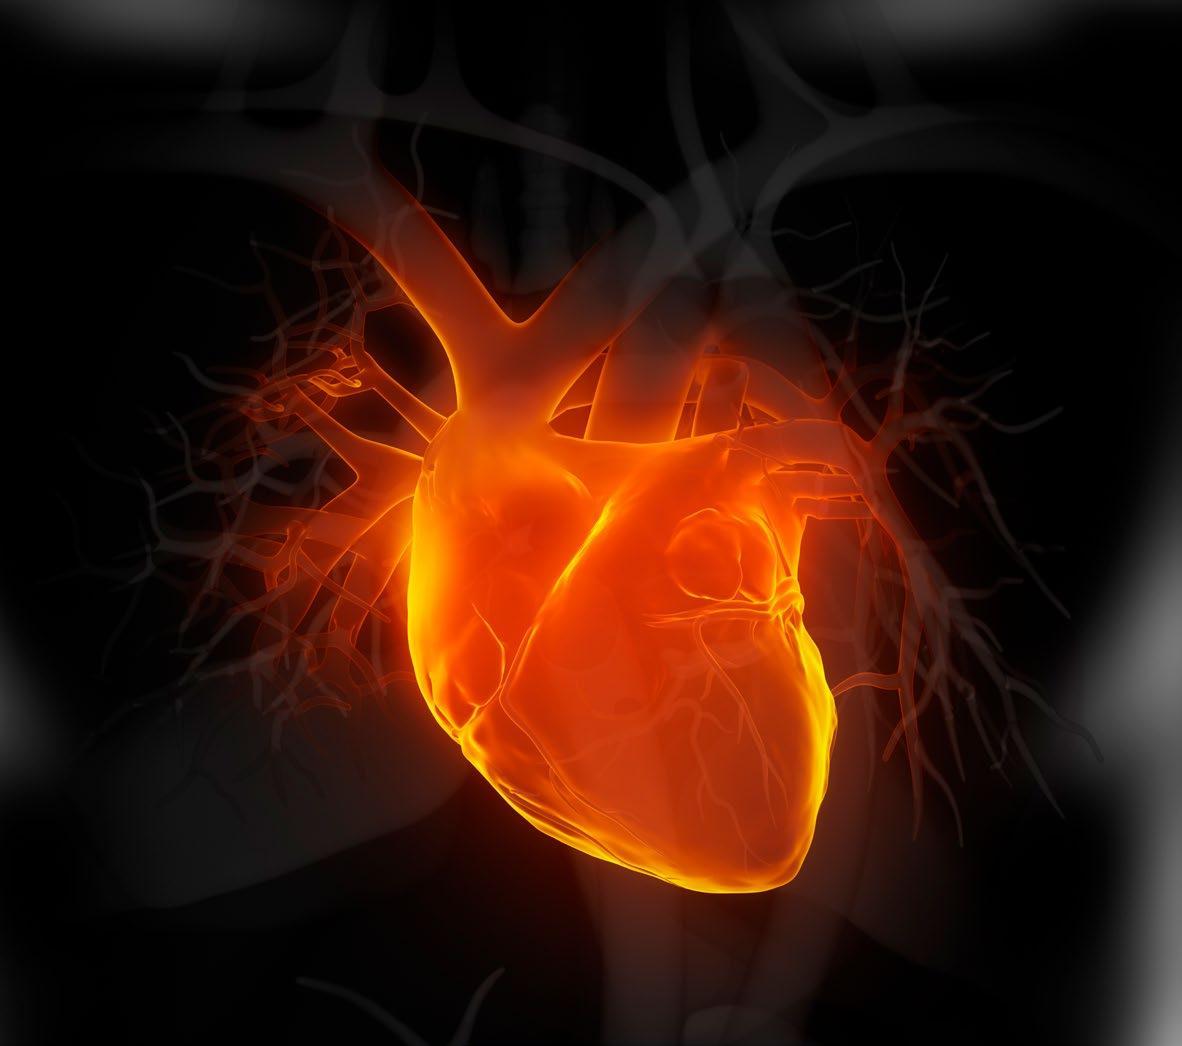 Page 28 of Avhandling visar att allvarlig blödning efter hjärtinfarkt är relativt frekvent förekommande men att hjärnblödning blivit ovanligare